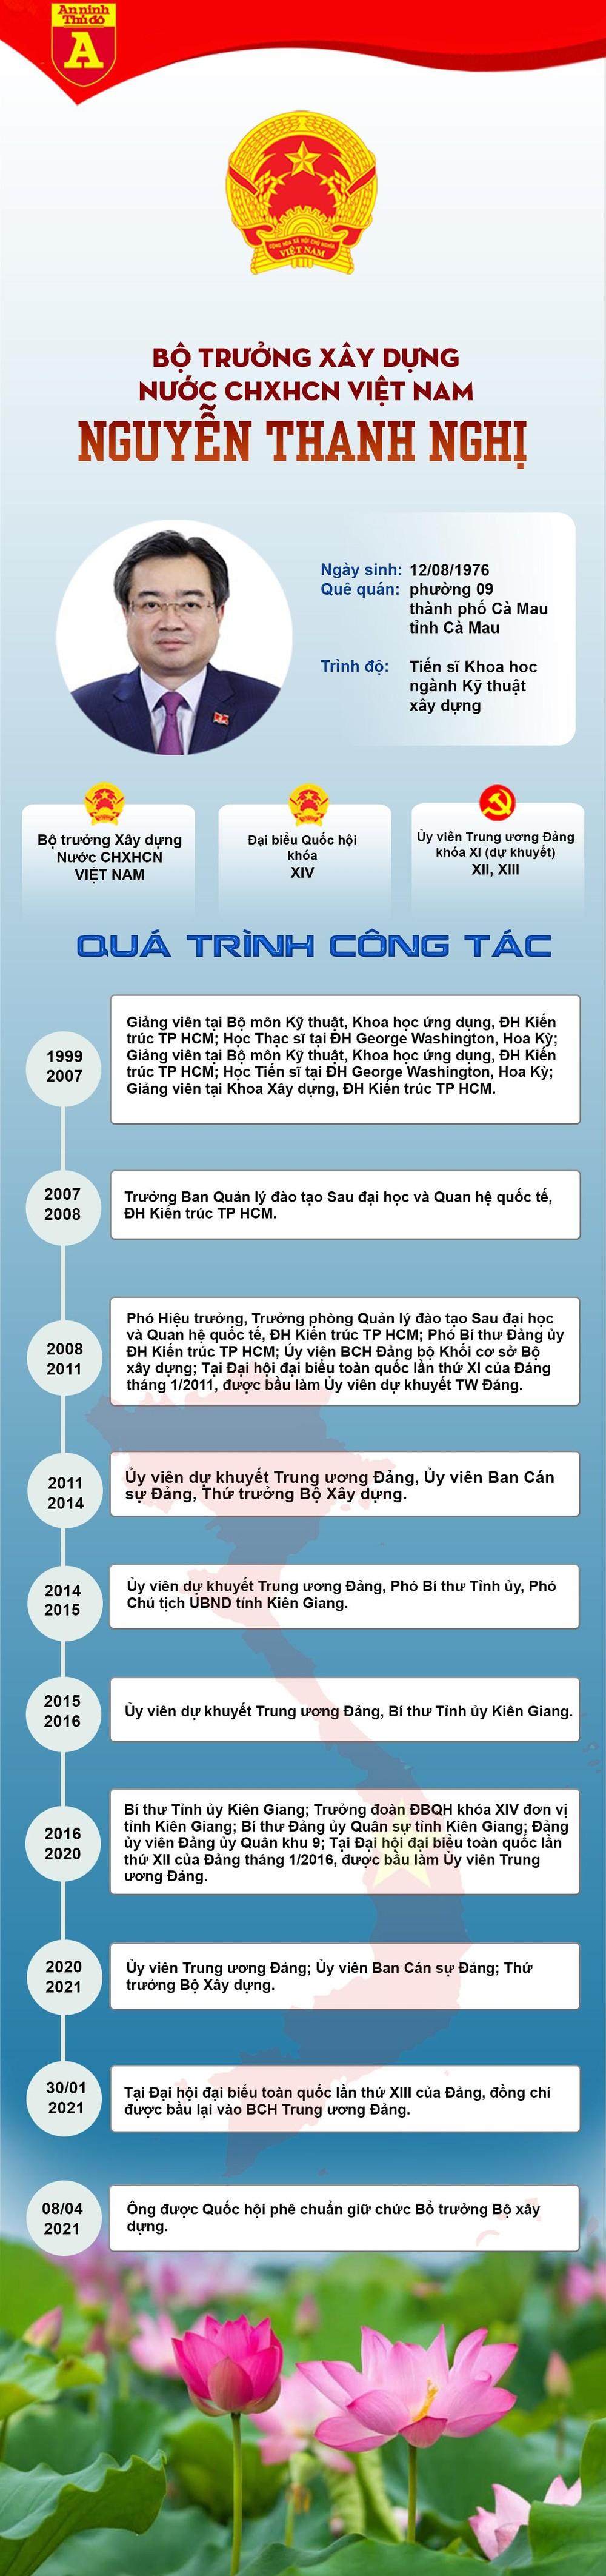 [Info] Ông Nguyễn Thanh Nghị - Bộ trưởng trẻ nhất trong Chính phủ mới ảnh 1